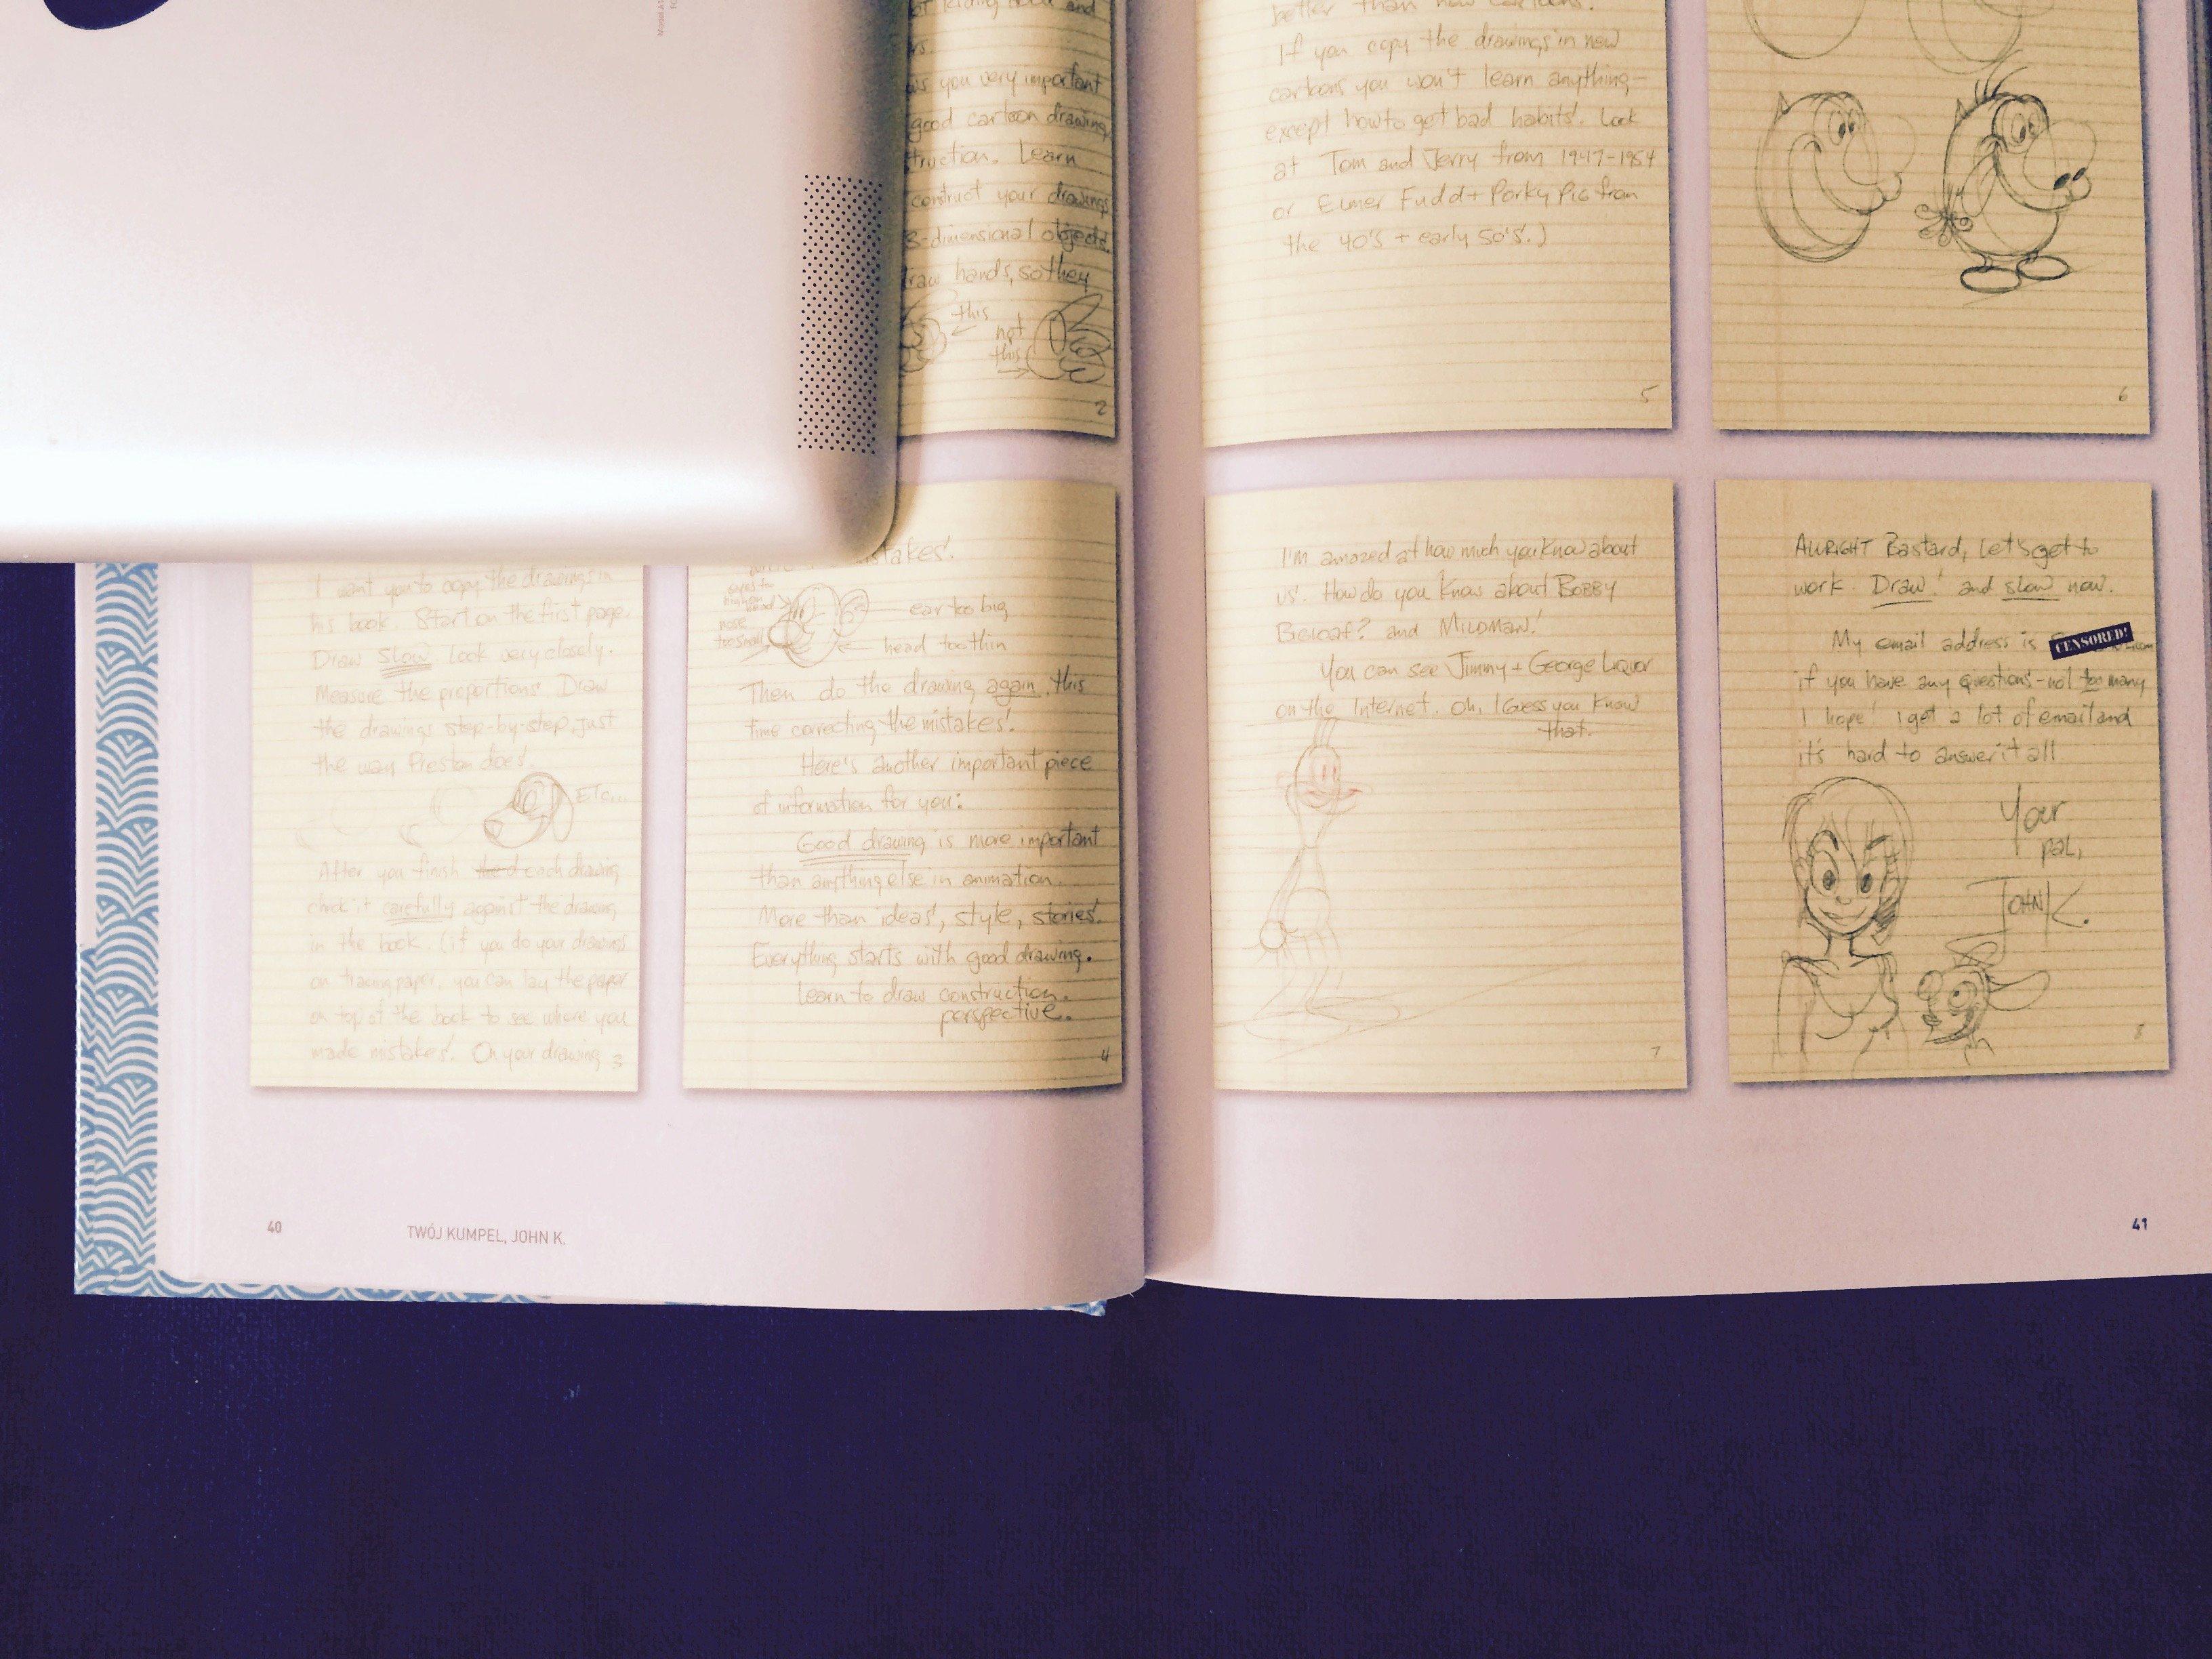 Einstein Letter to Phyllis Awesome Listy Niezapomniane Czyli Słynne Historie Z Bliska Cud